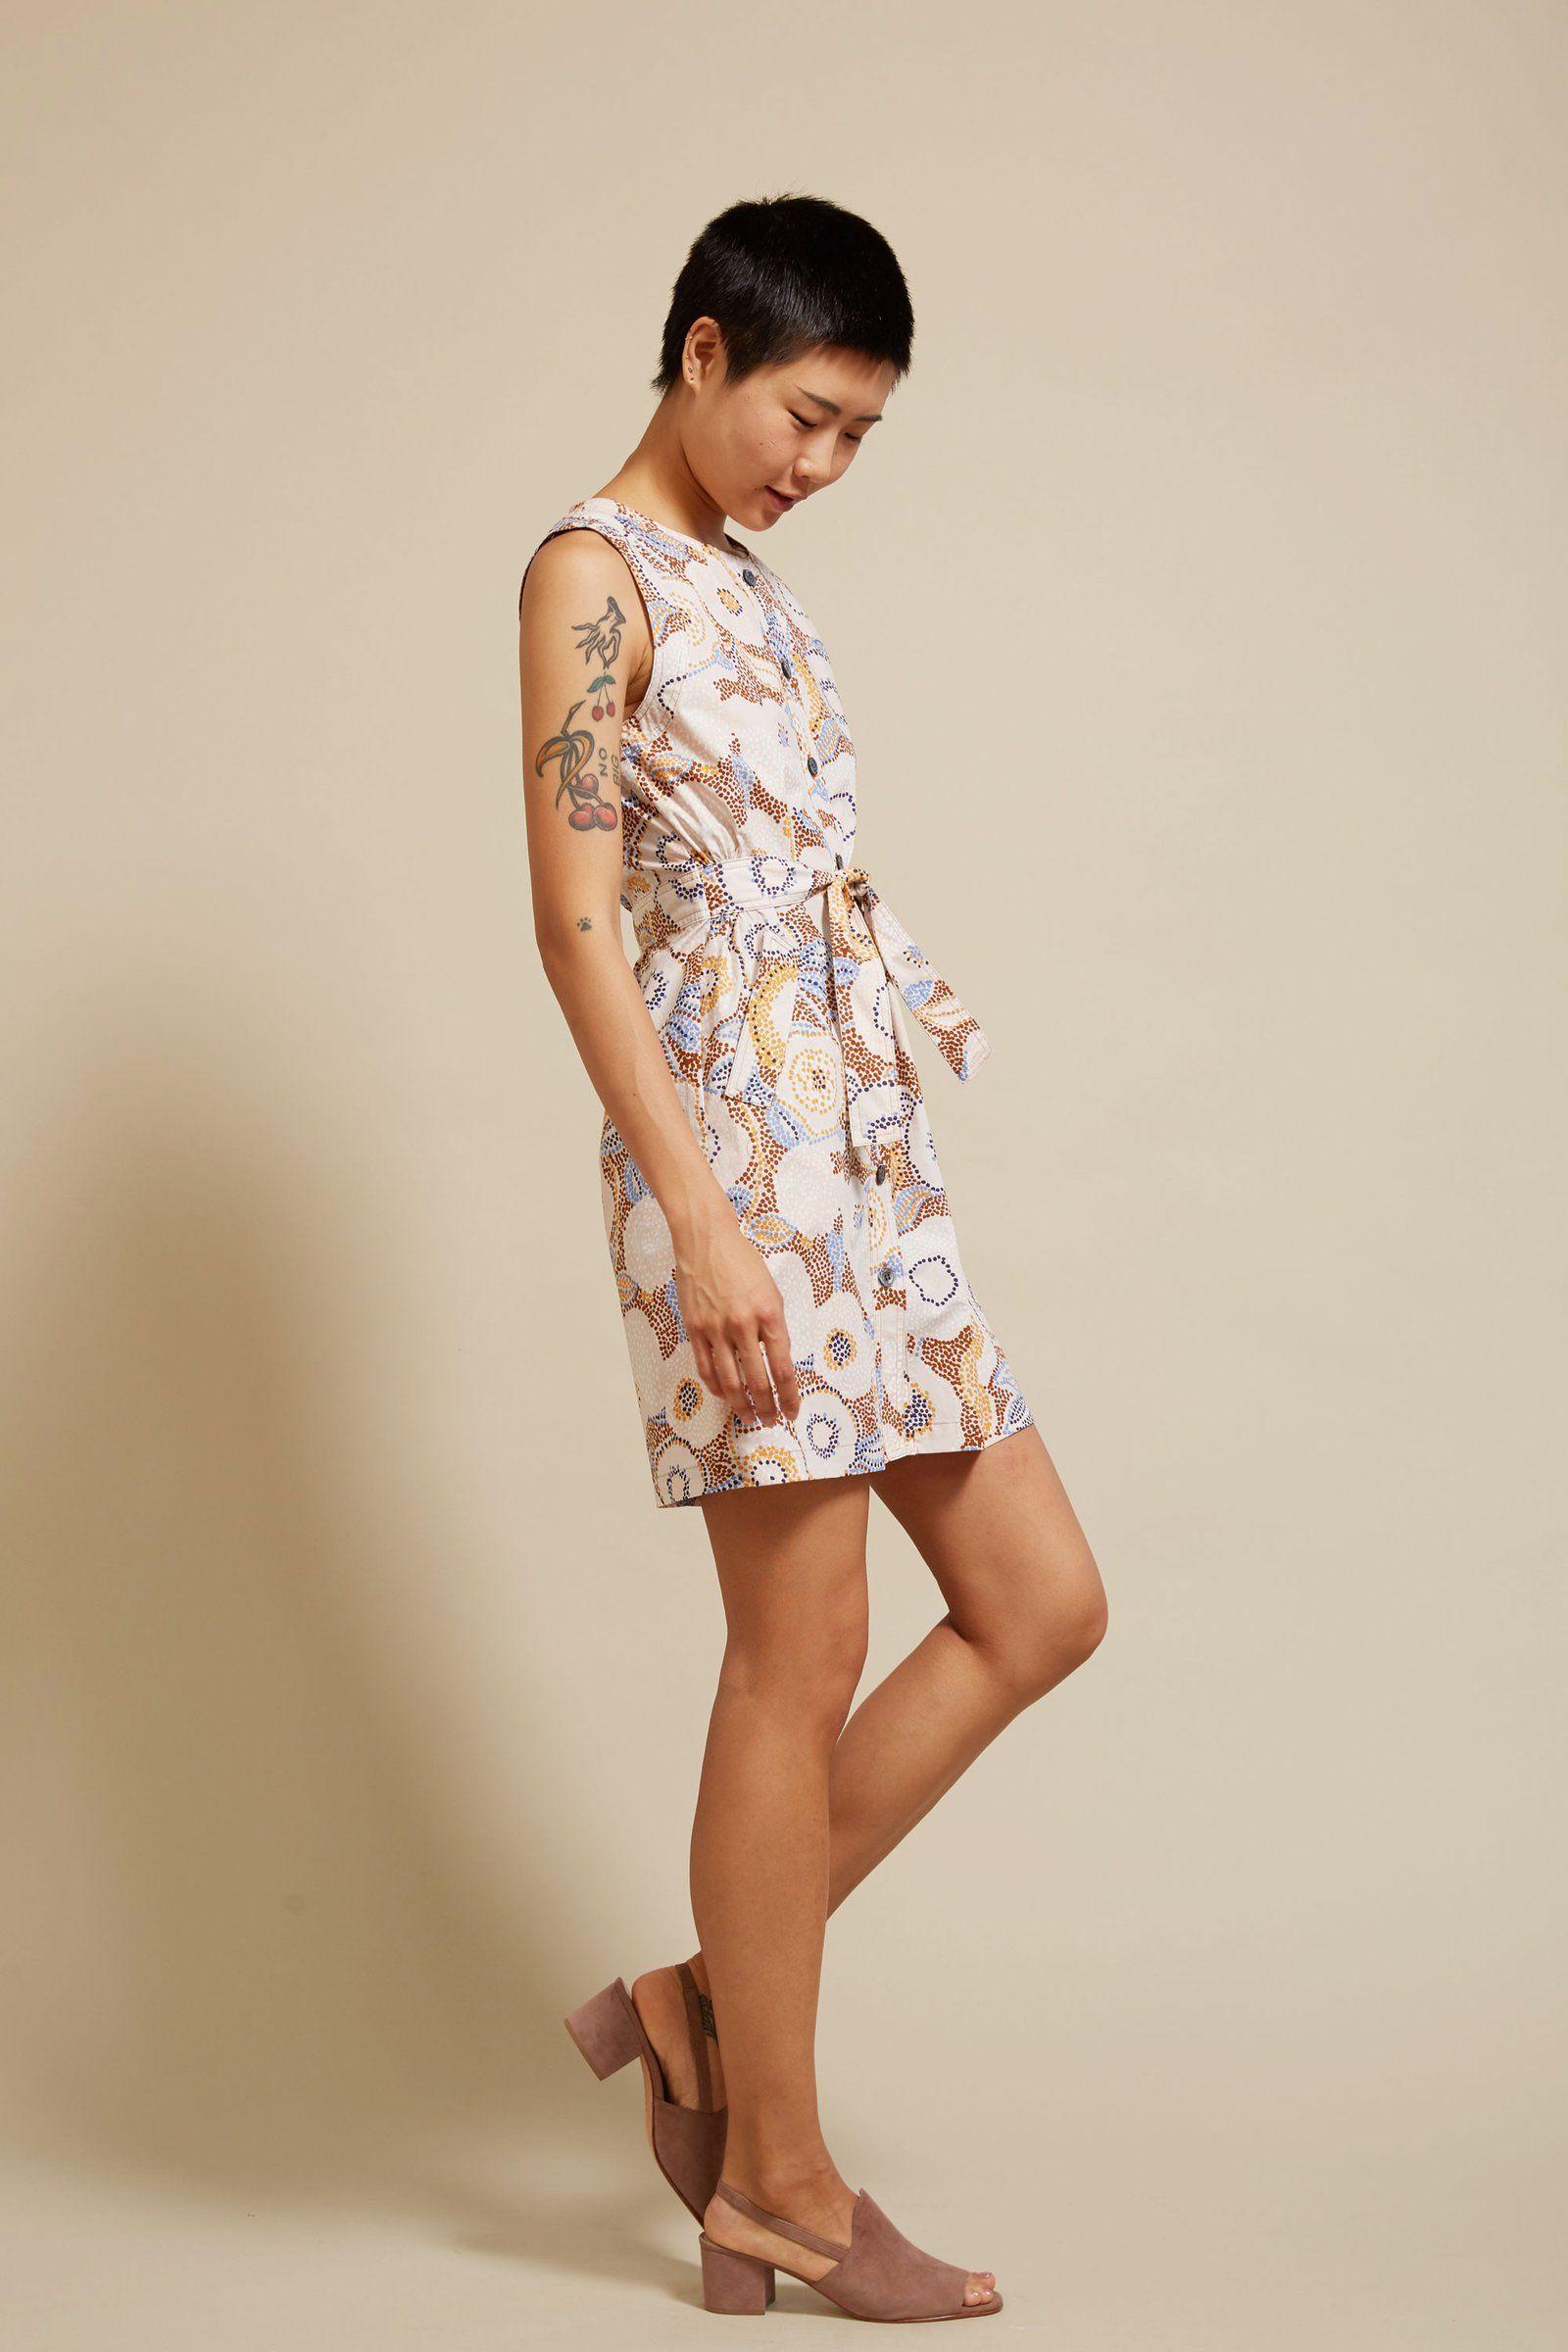 No.6 Charlotte Camp Dress in Pointillism Cotton